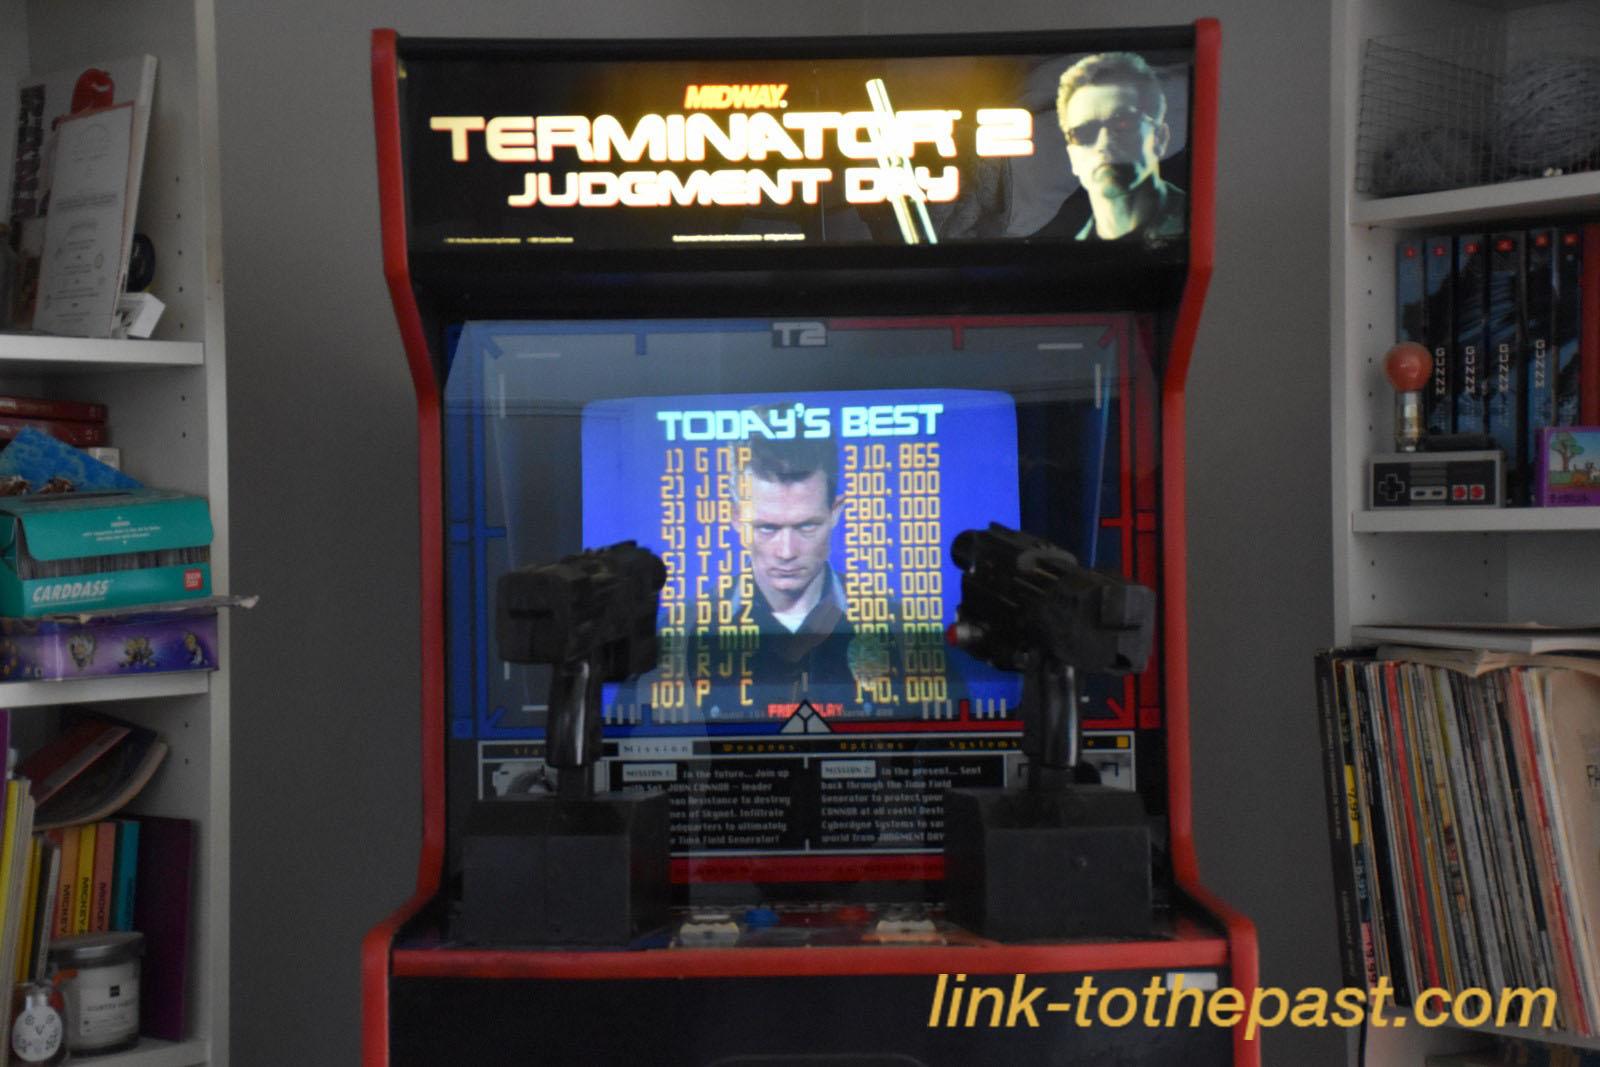 Je vends ma borne d'arcade Terminator 2 [VENDU] 1